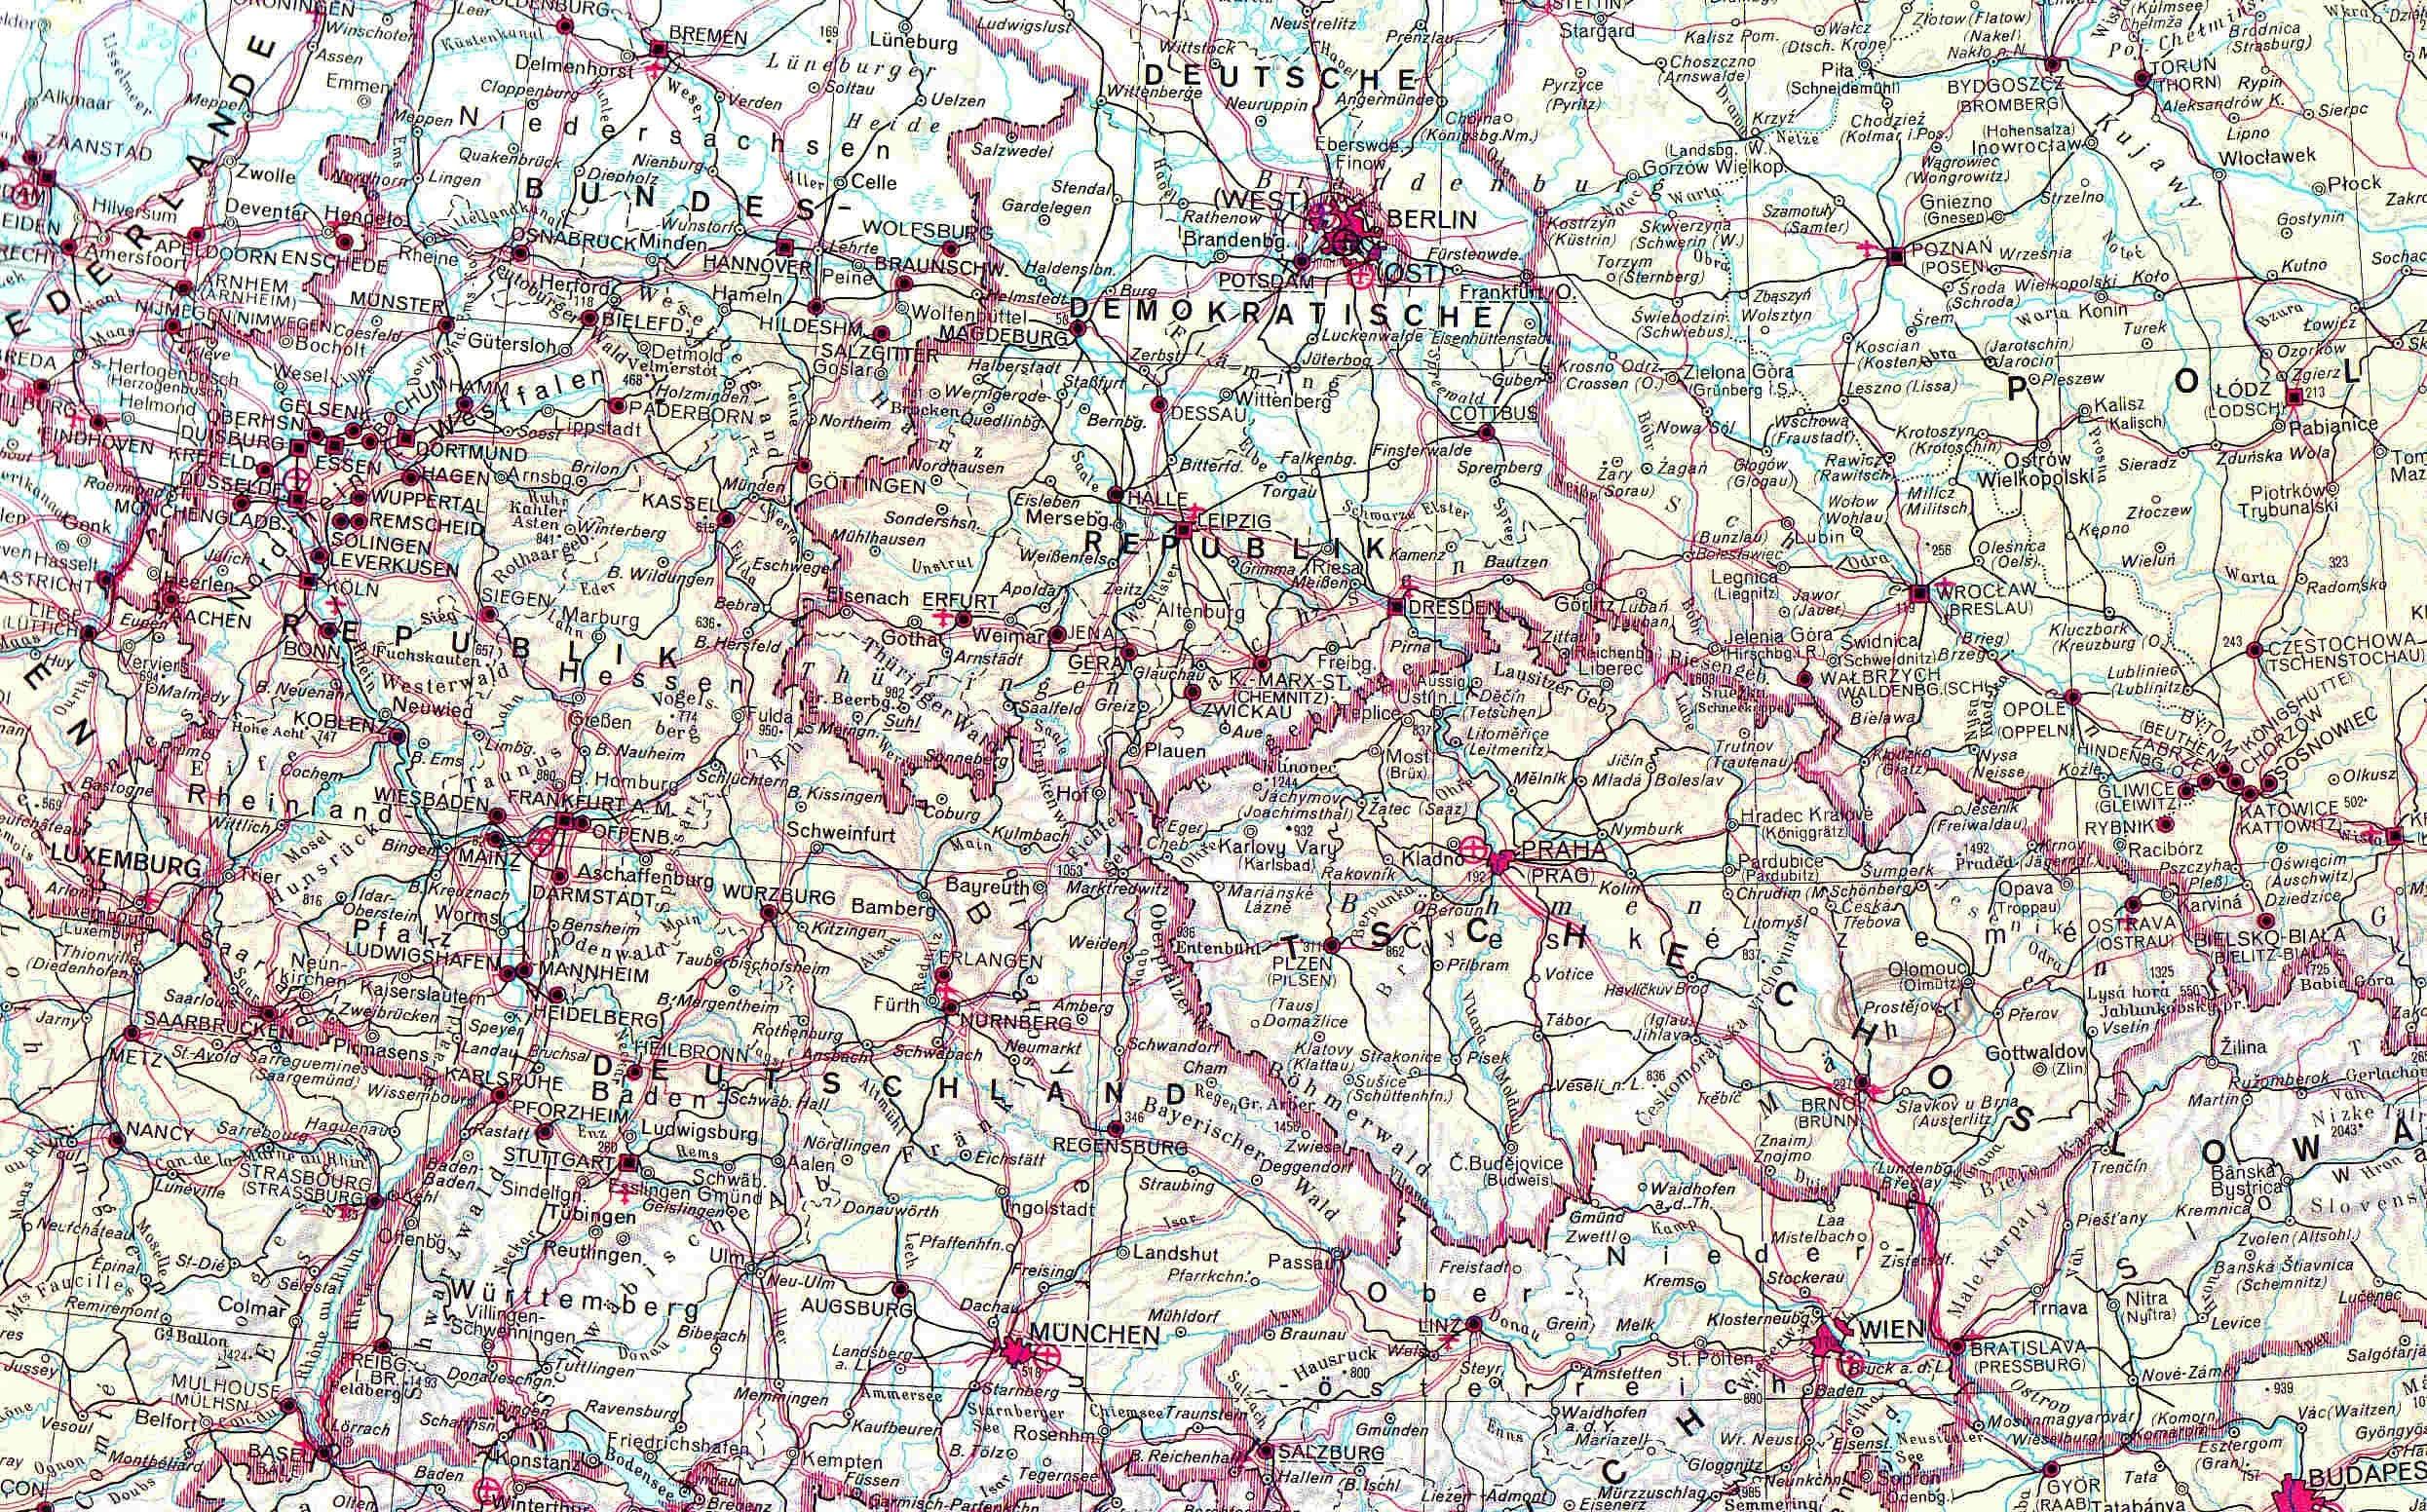 Gratis Arkivbilde Av Europa Kart Osterrike